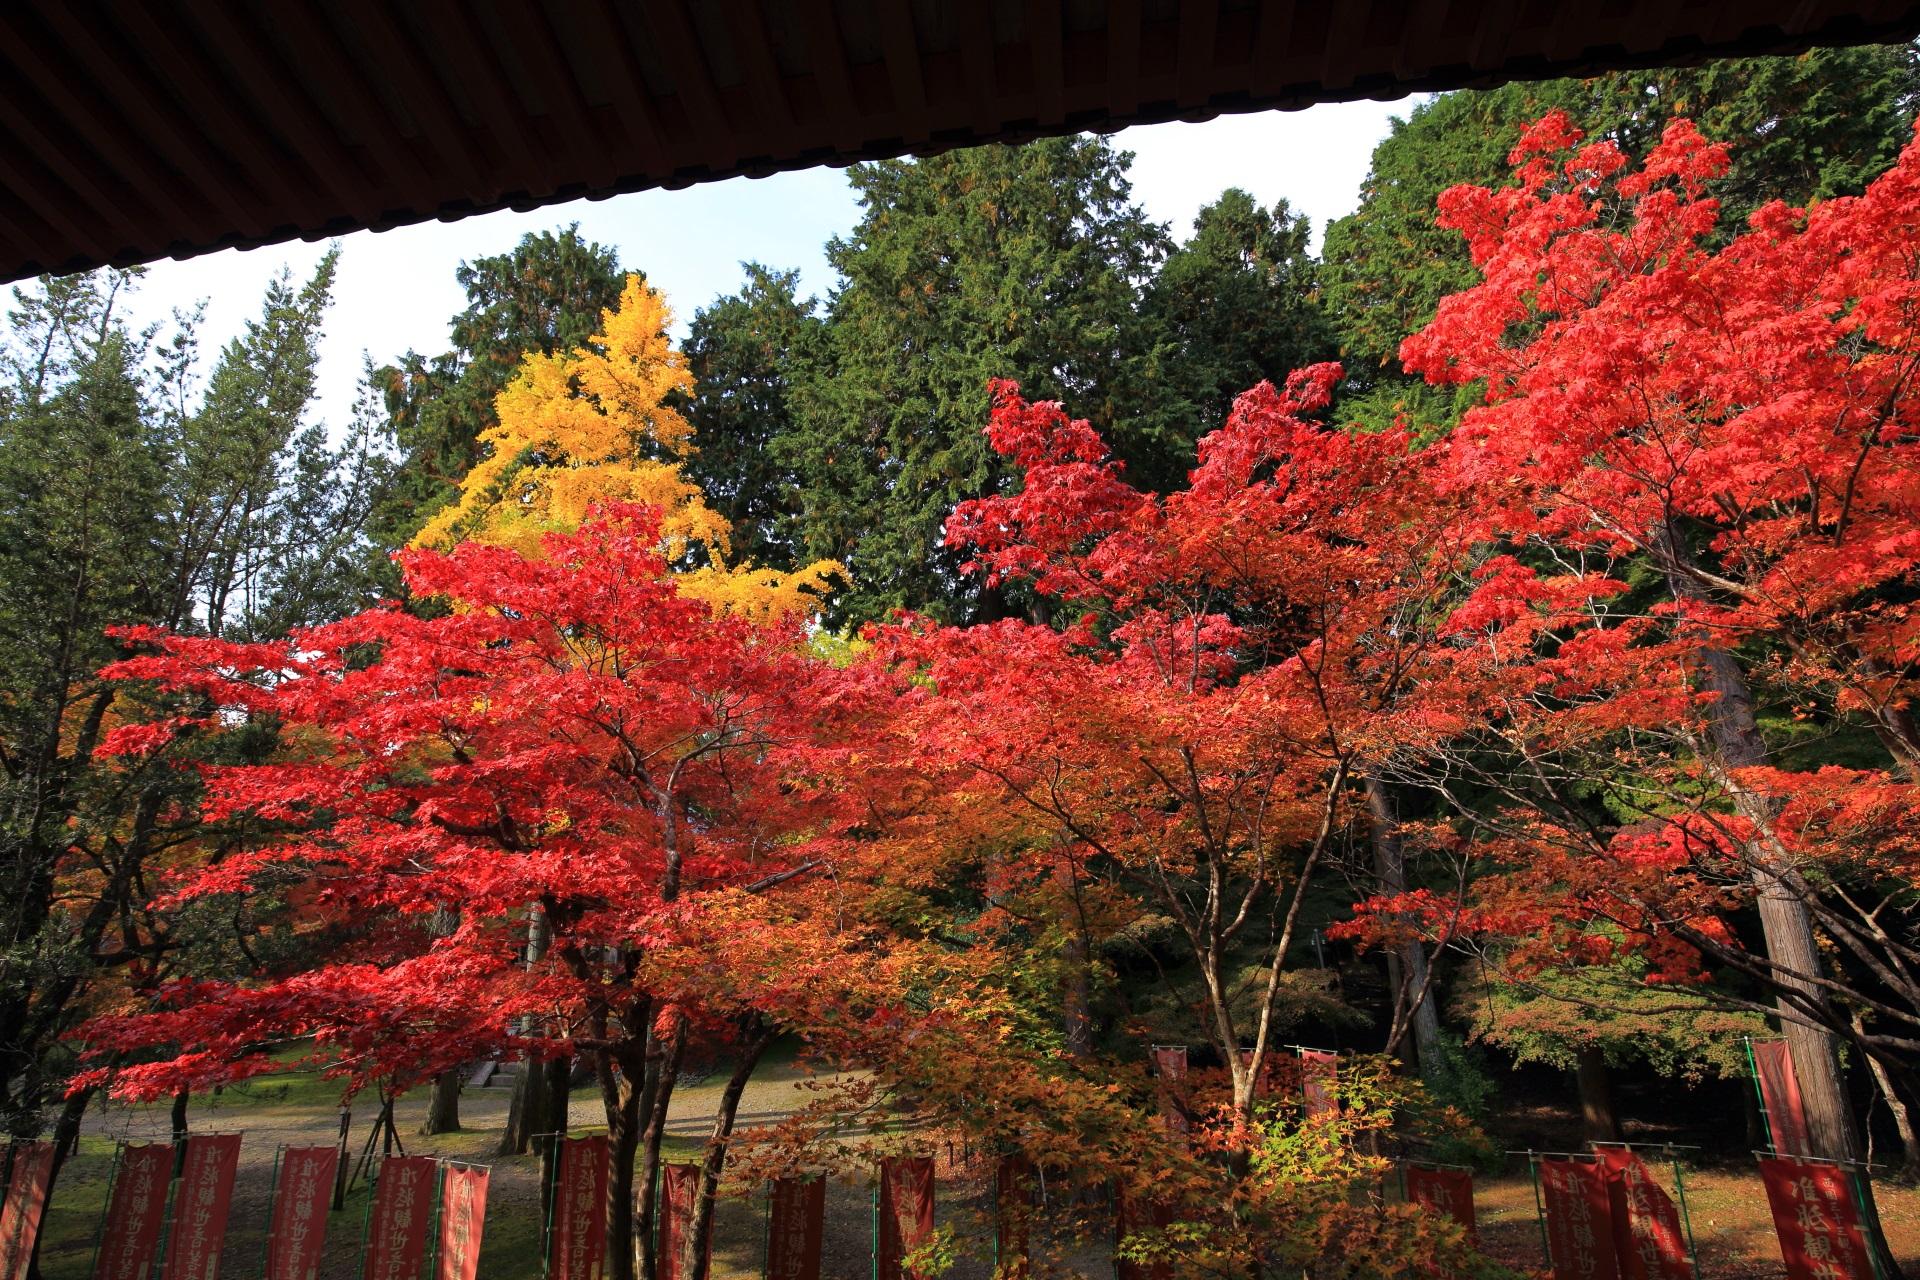 観音堂の横で溢れる多彩な秋色